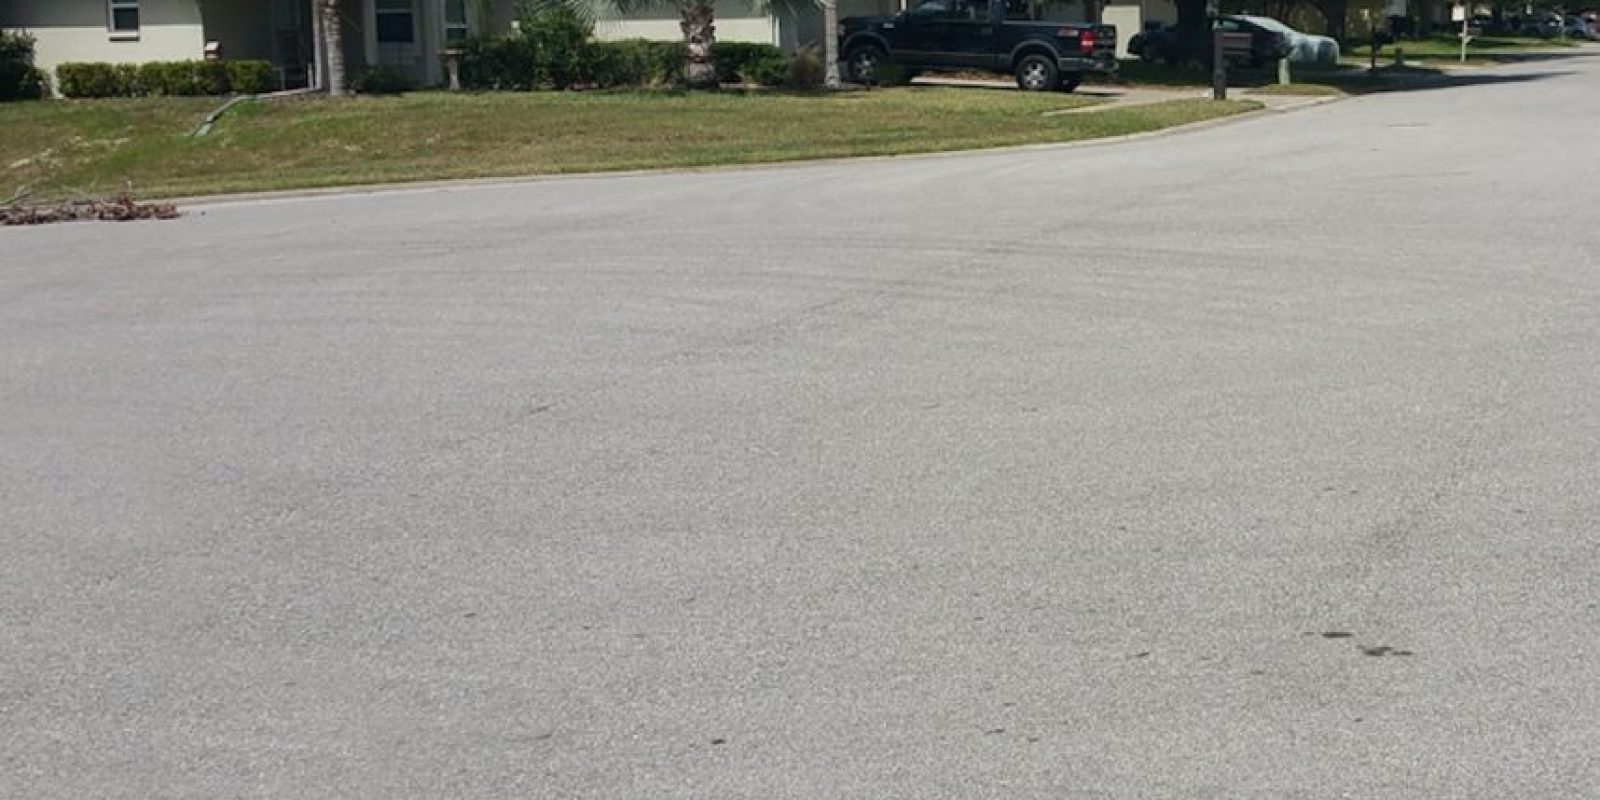 Así se ve ahora el estacionamiento Foto:Reddit/Voodrew